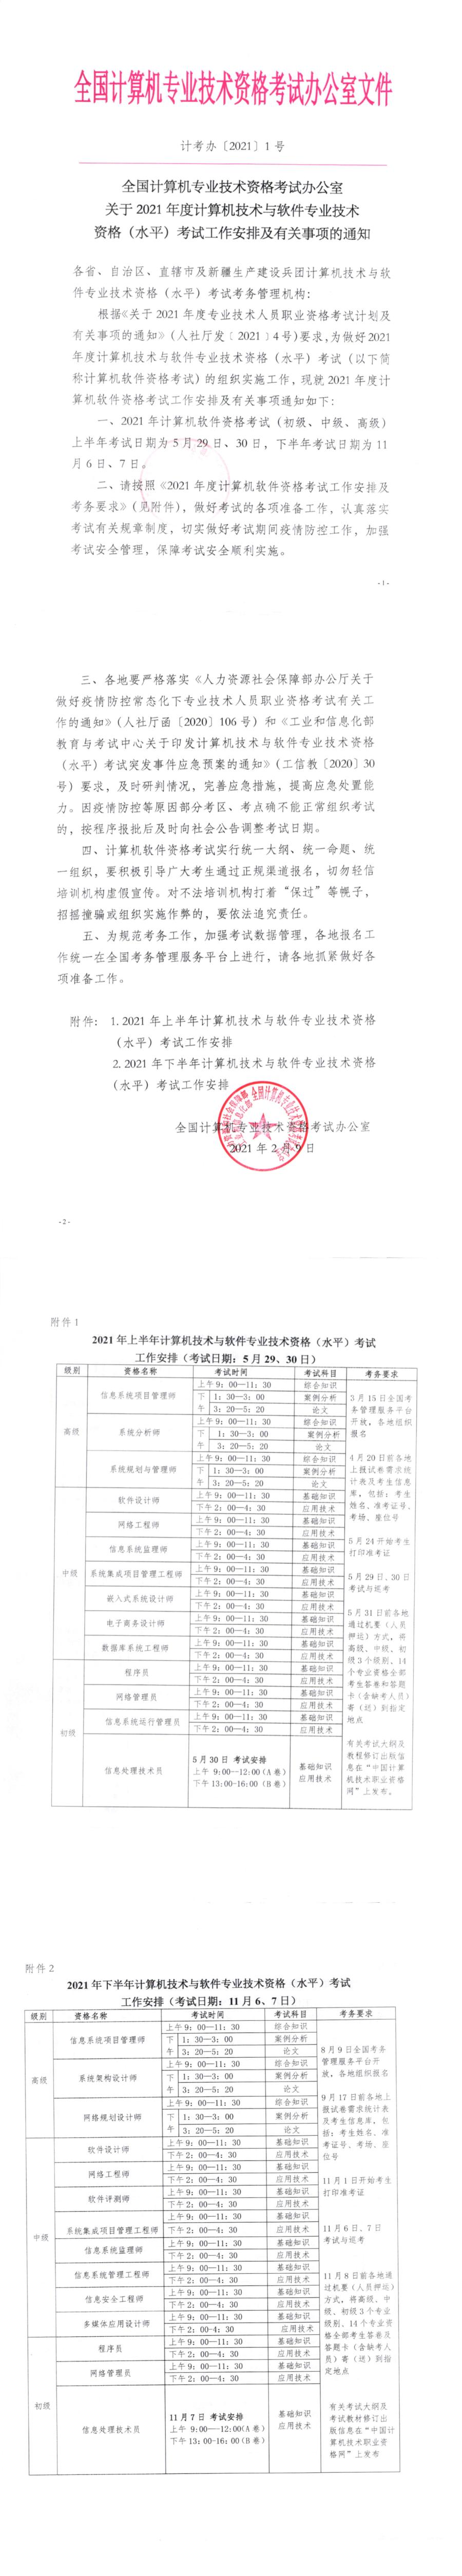 准备软考网络工程师(中级证书)-1